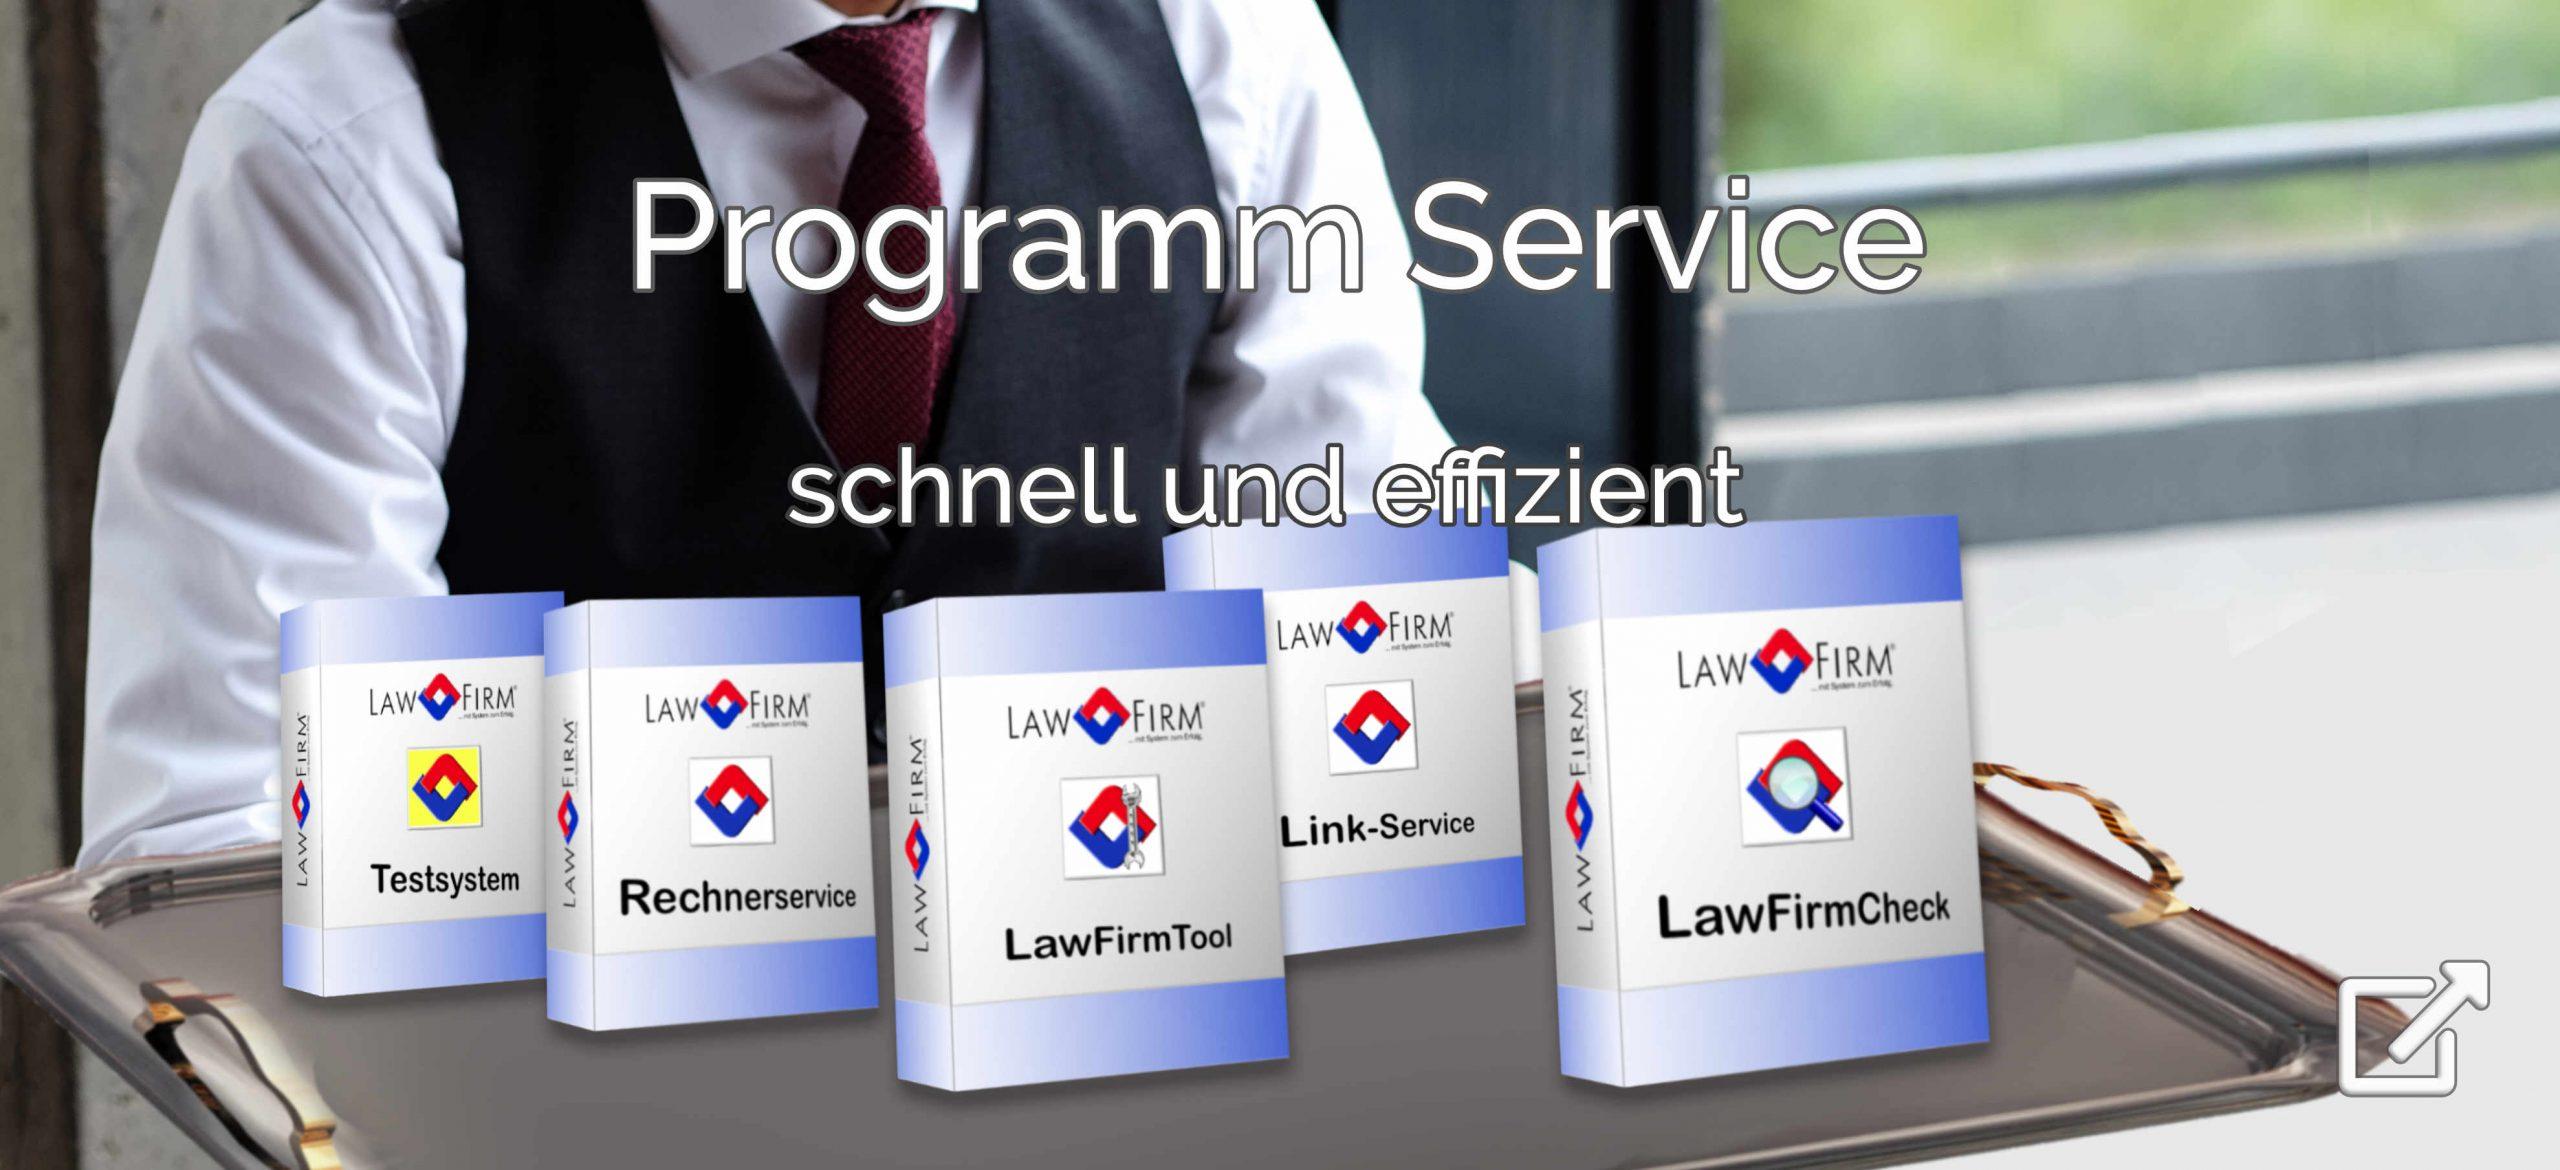 Programm Service – schnell und effizient durch mitgelieferte LawFirm Service-Tools, Kanzleisoftware Hotline gut erreichbar und kompetent. schnelle Lösung fast immer im ersten Telefonat, Rechnercheck, Rechnerservice, Tool für Standardtexte, Vorlagen und Briefkopf